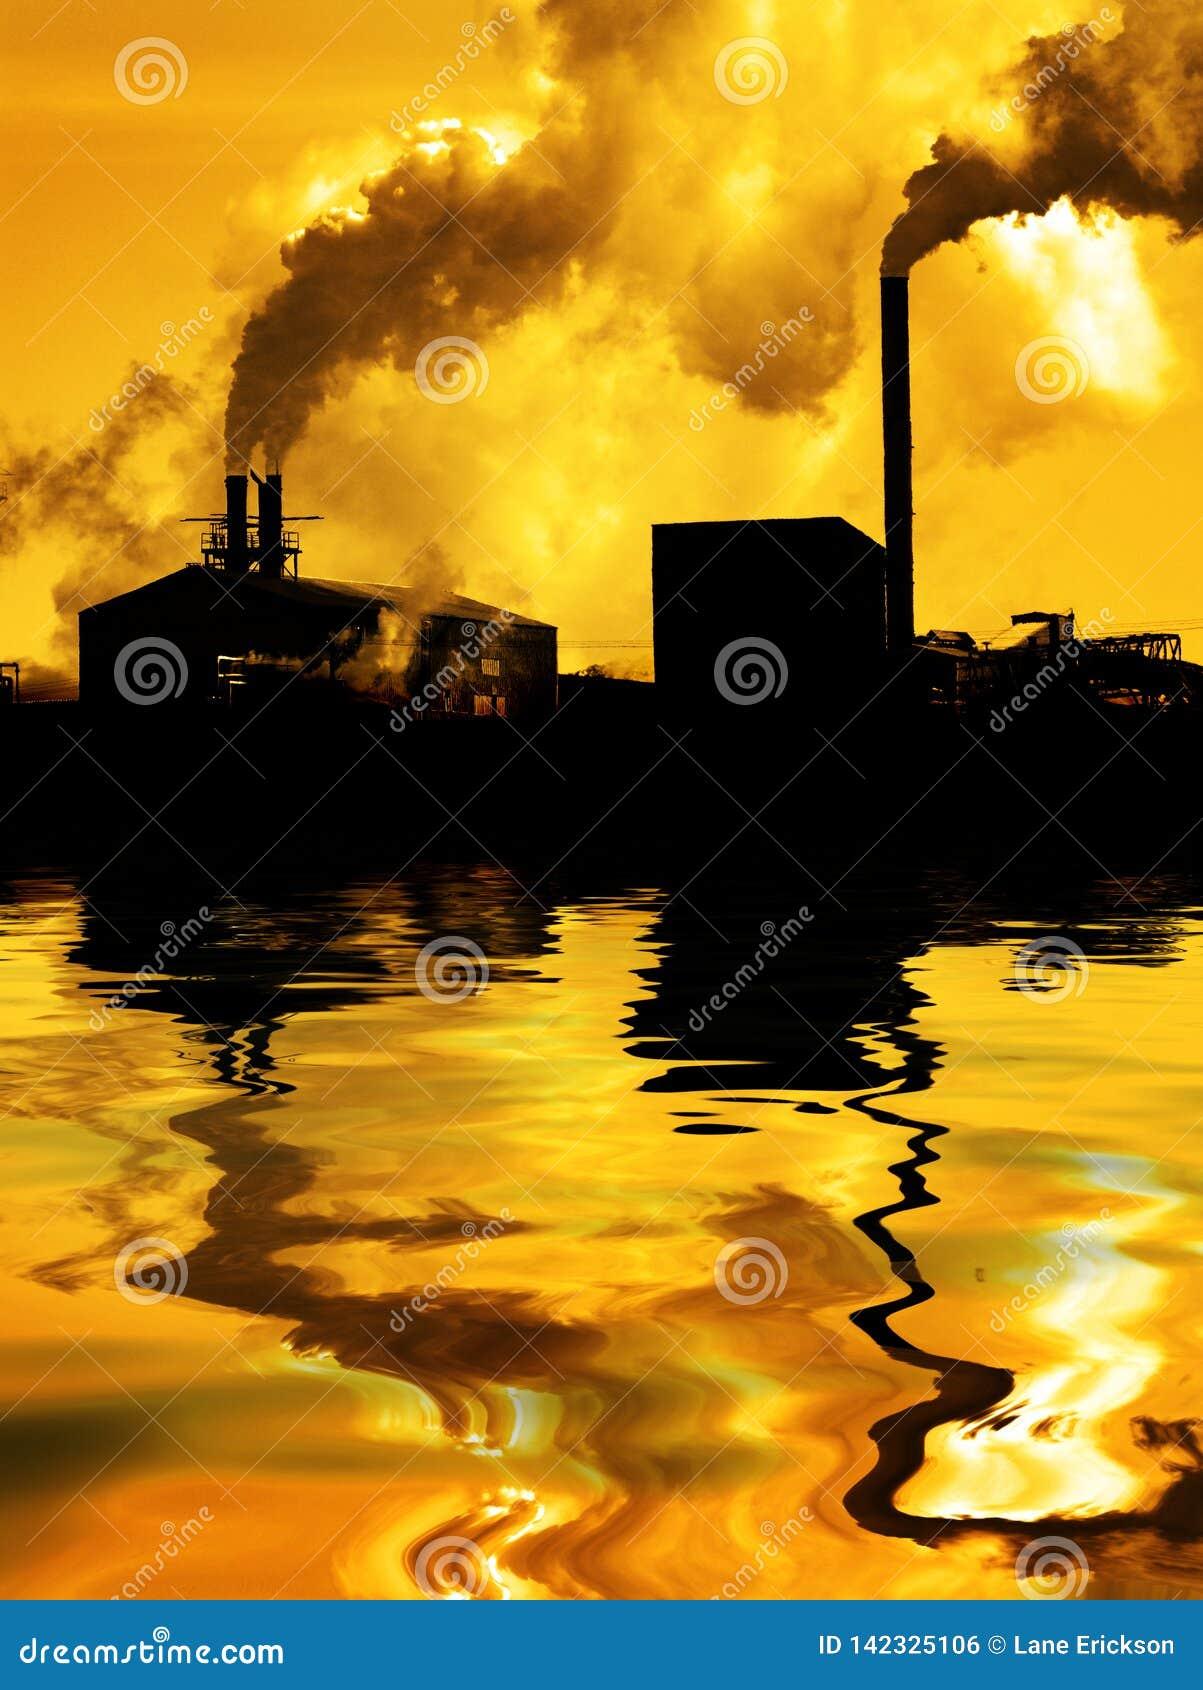 Humo de la fábrica de la calidad del aire de la contaminación que bombea en la reflexión del agua del ambiente de la atmósfera